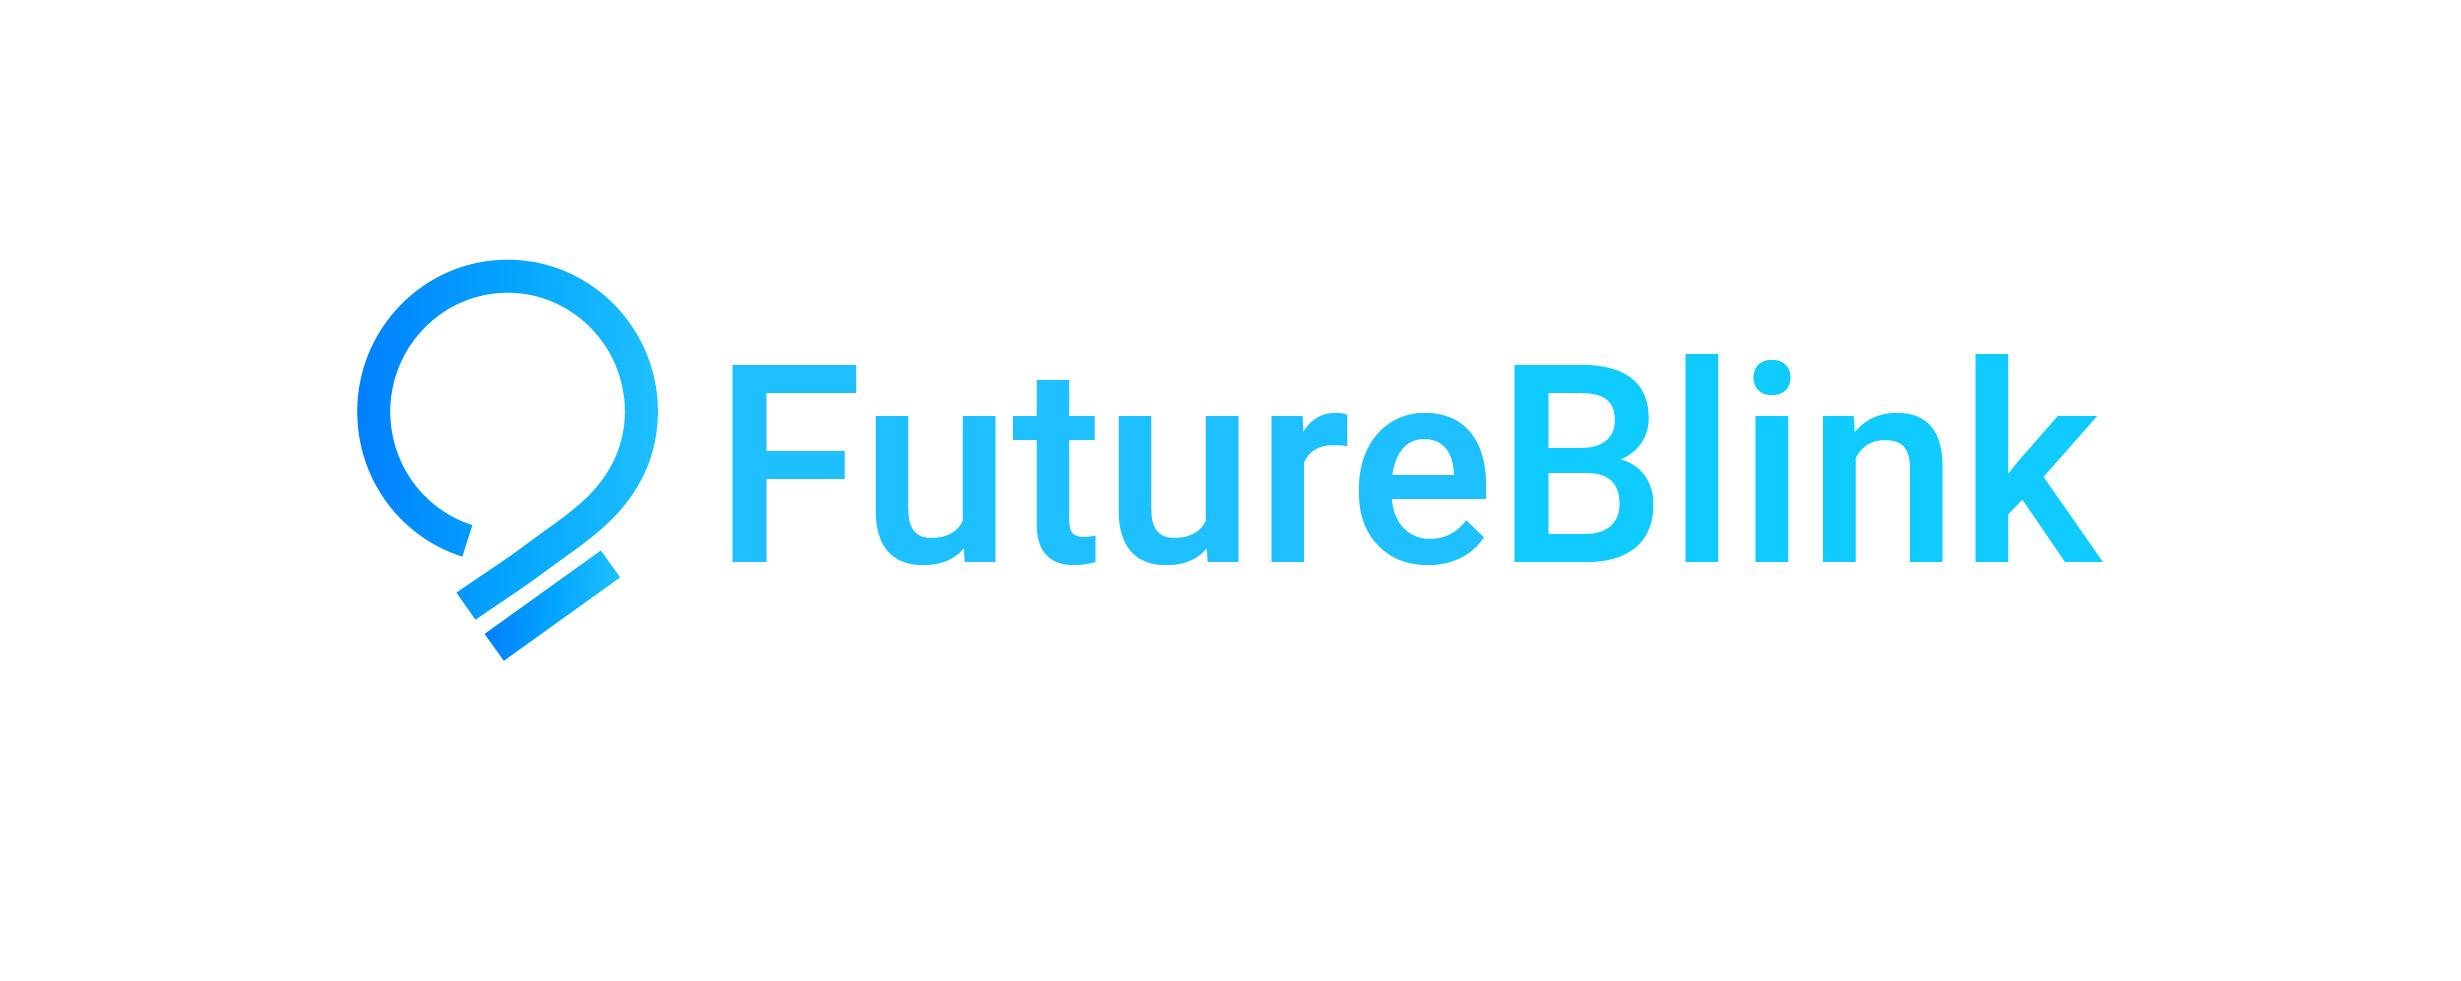 A logo for a company called FutureBlink. The logo shows a bulb icon.